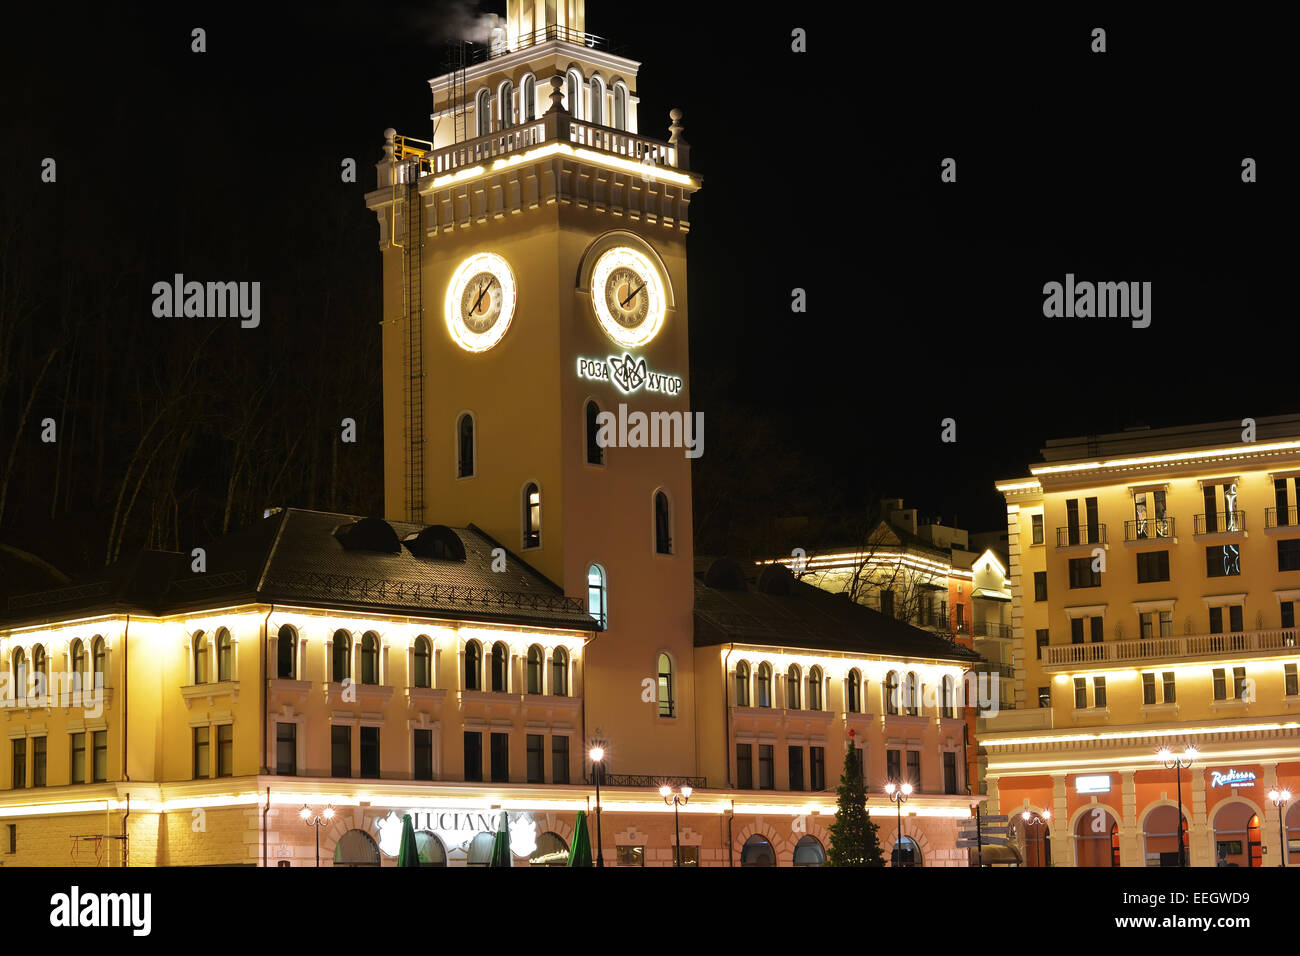 Sochi Rosa Khutor Krasnaya Polyana - Stock Image